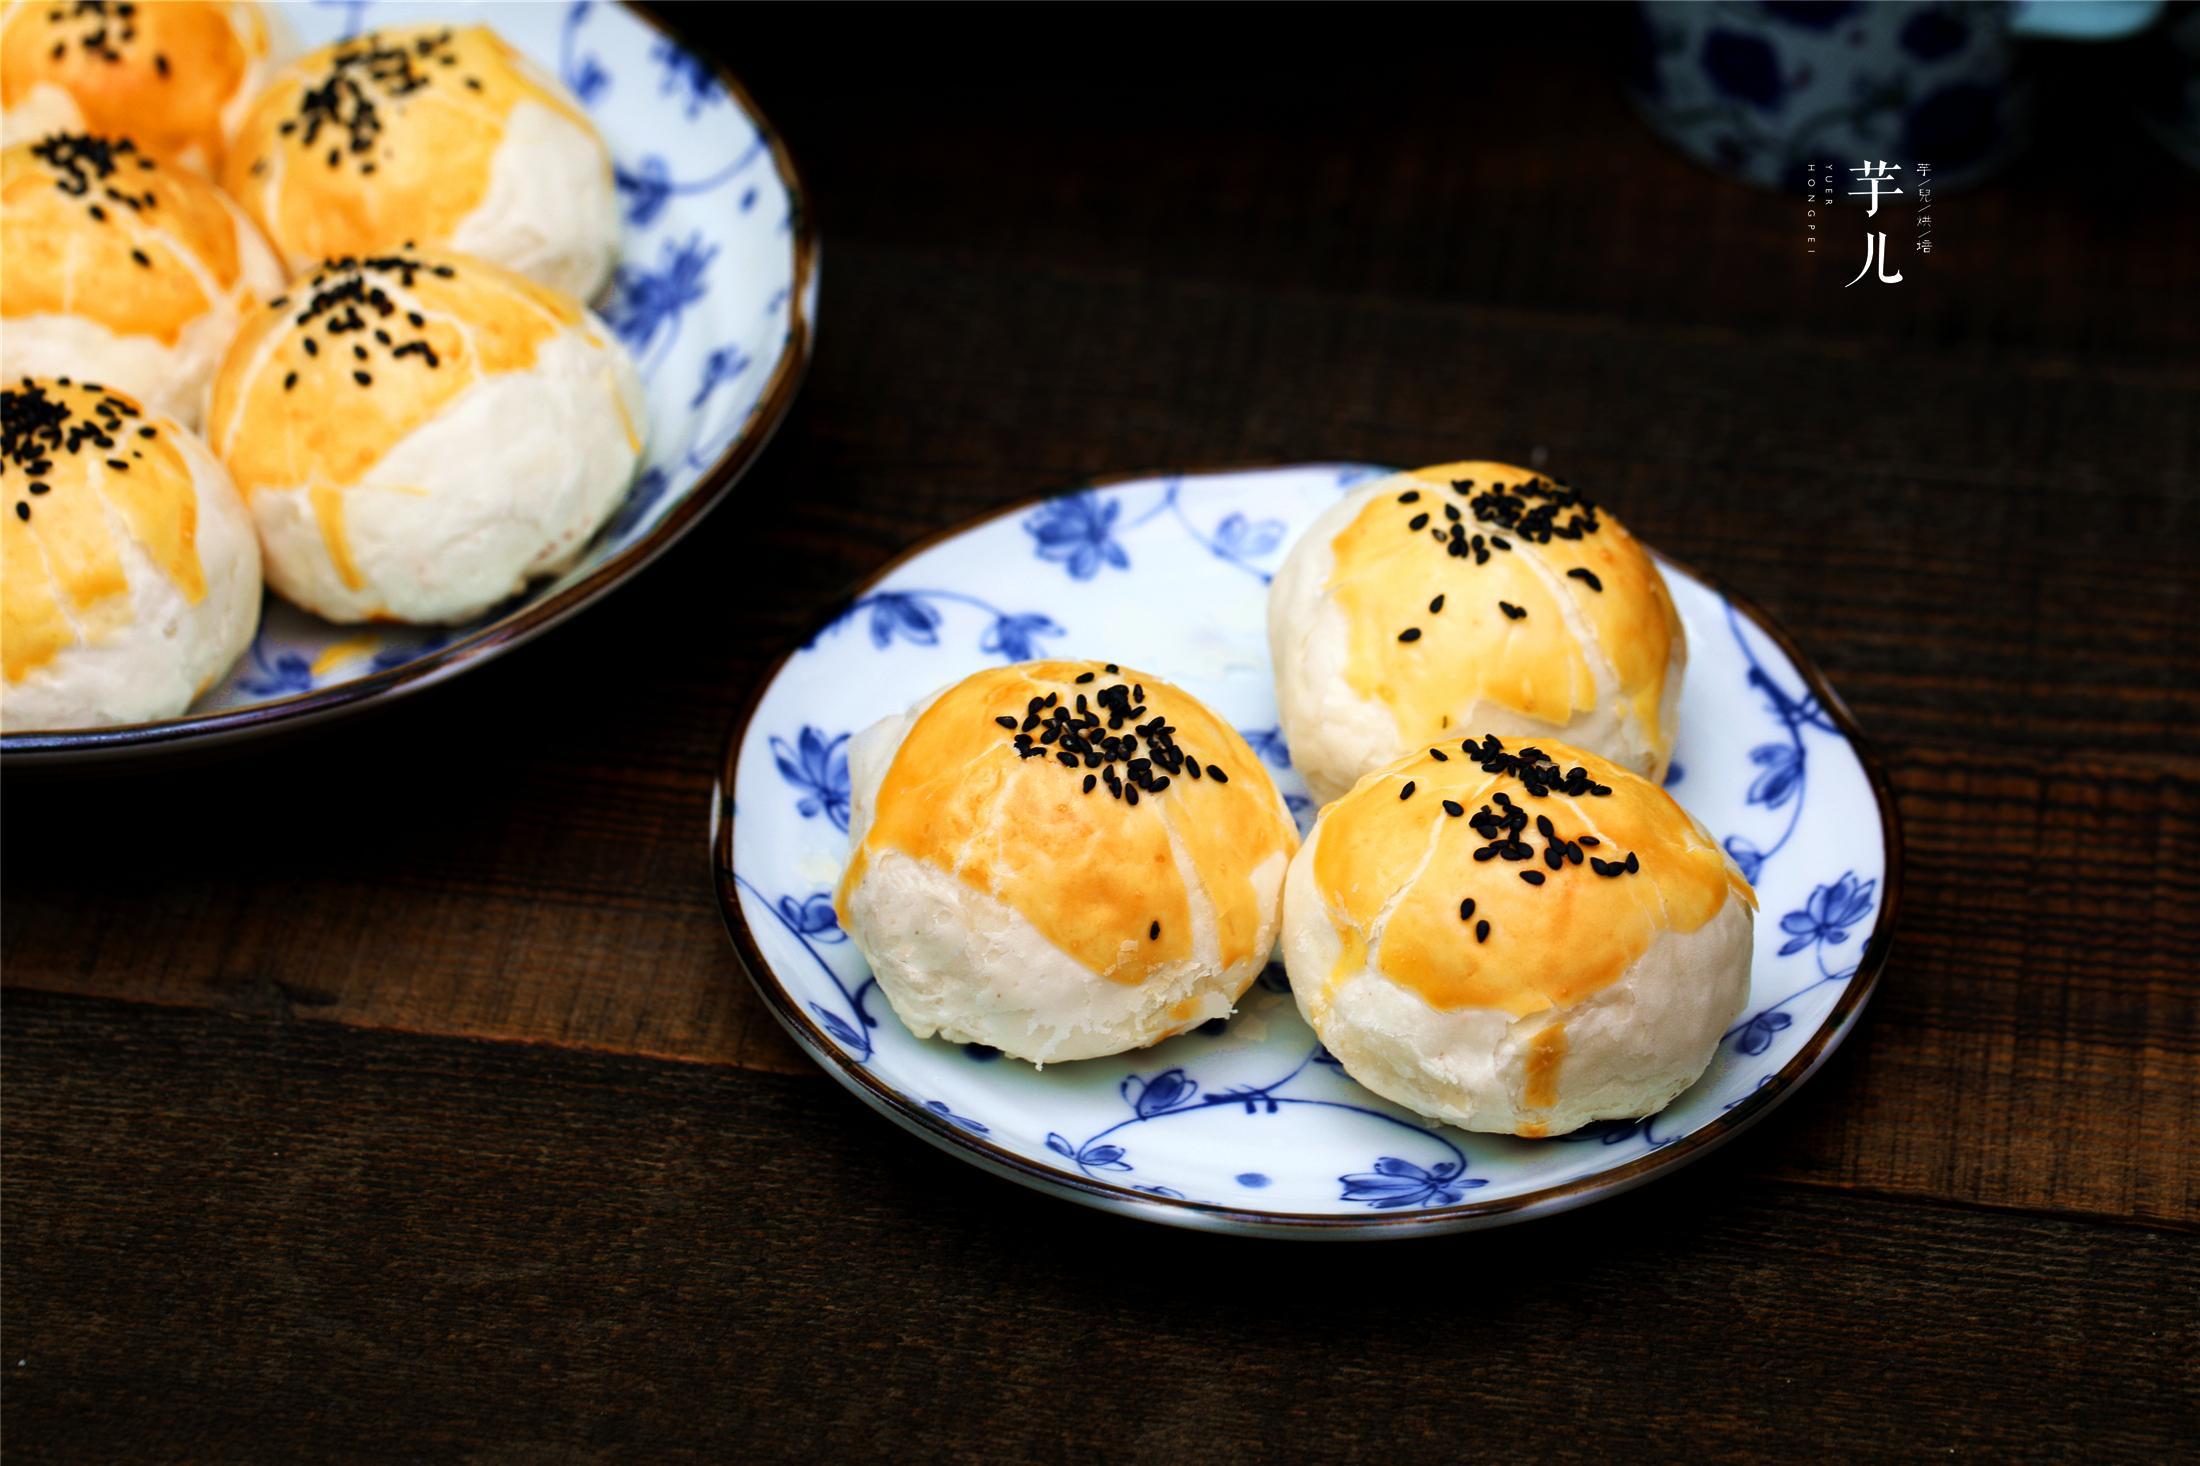 原创蛋黄酥好吃有诀窍!教你详细配方和做法,蛋黄翻沙流油,酥香掉渣